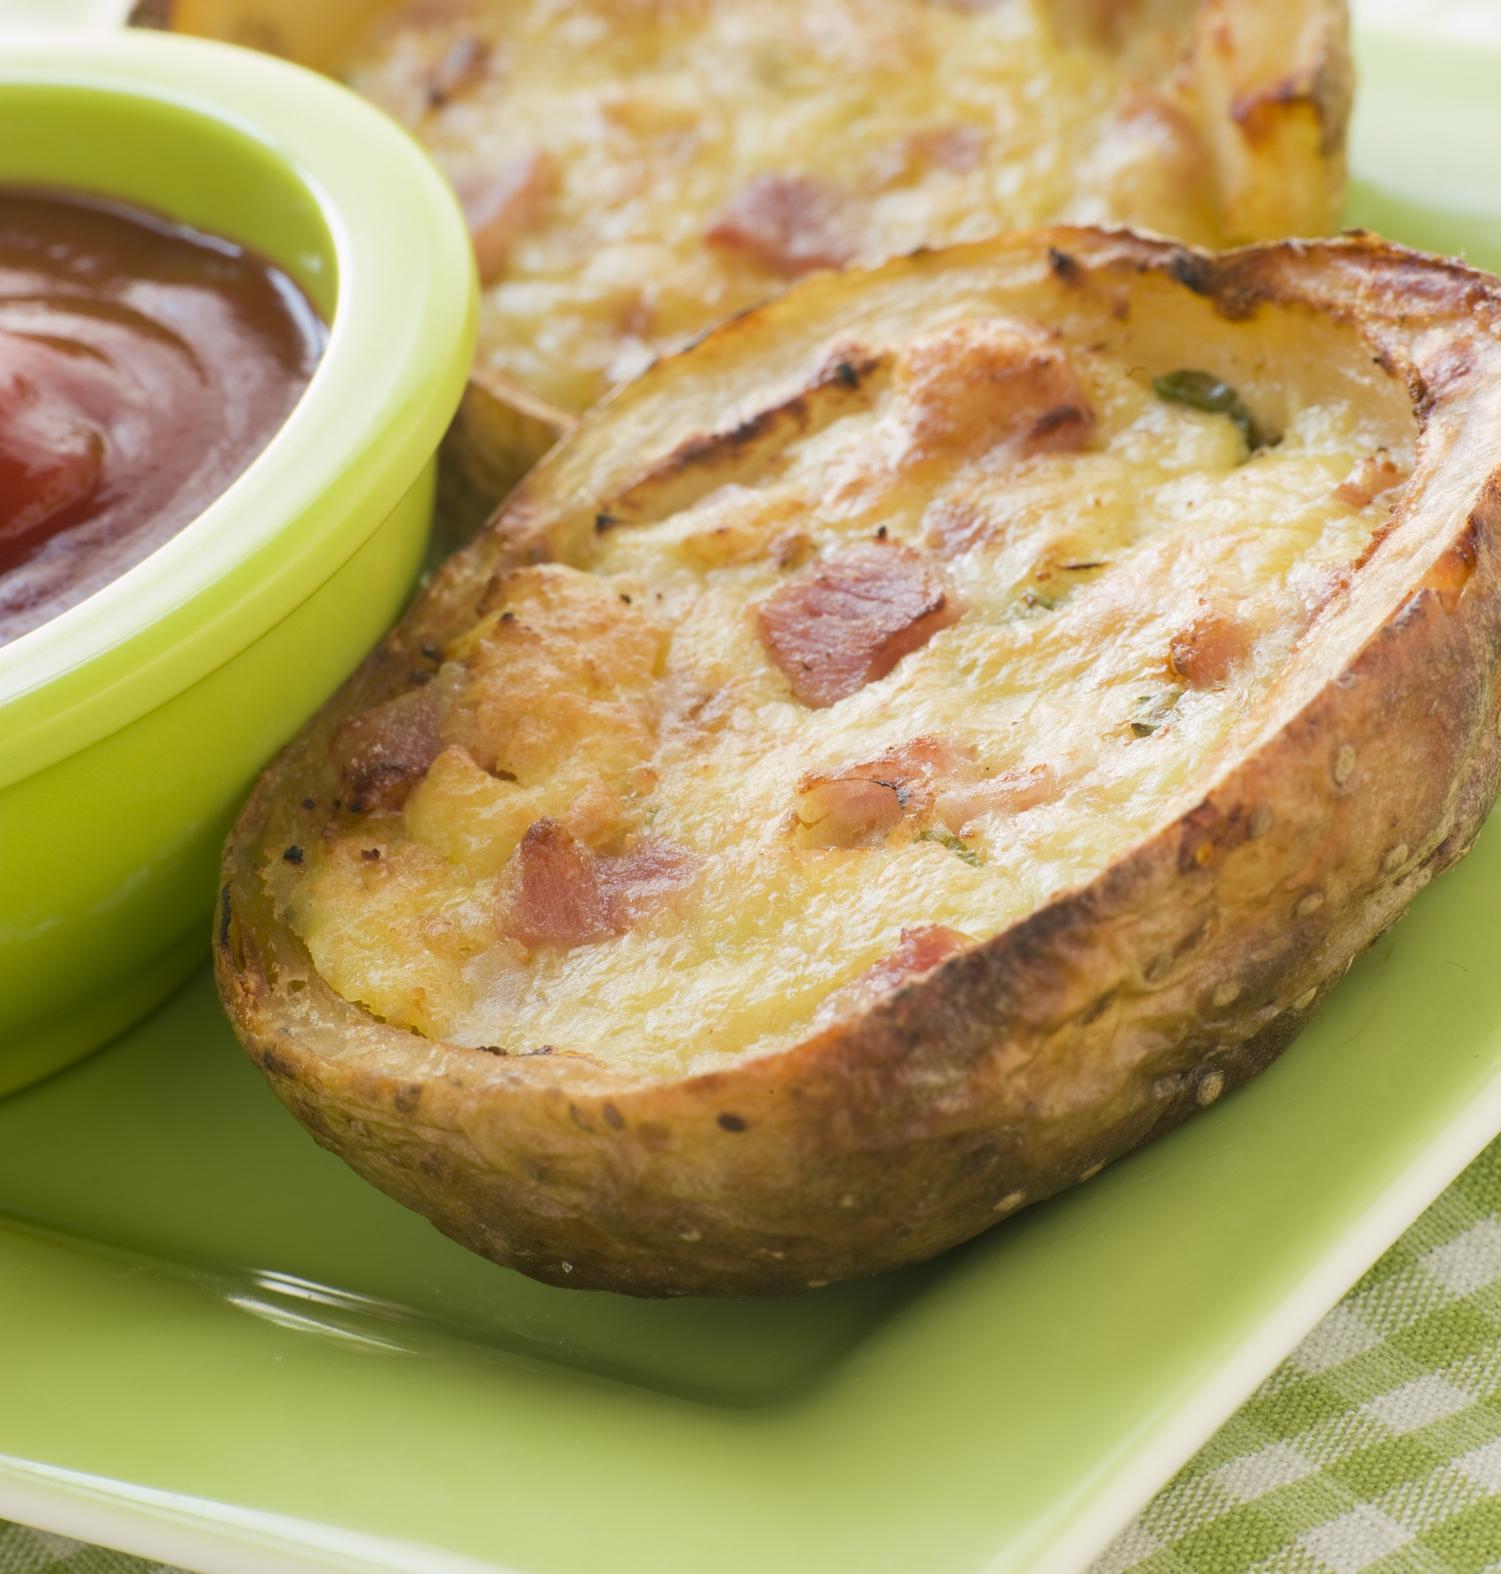 Фаршированный картофель: блюдо, от которого невозможно отказаться - фото №1